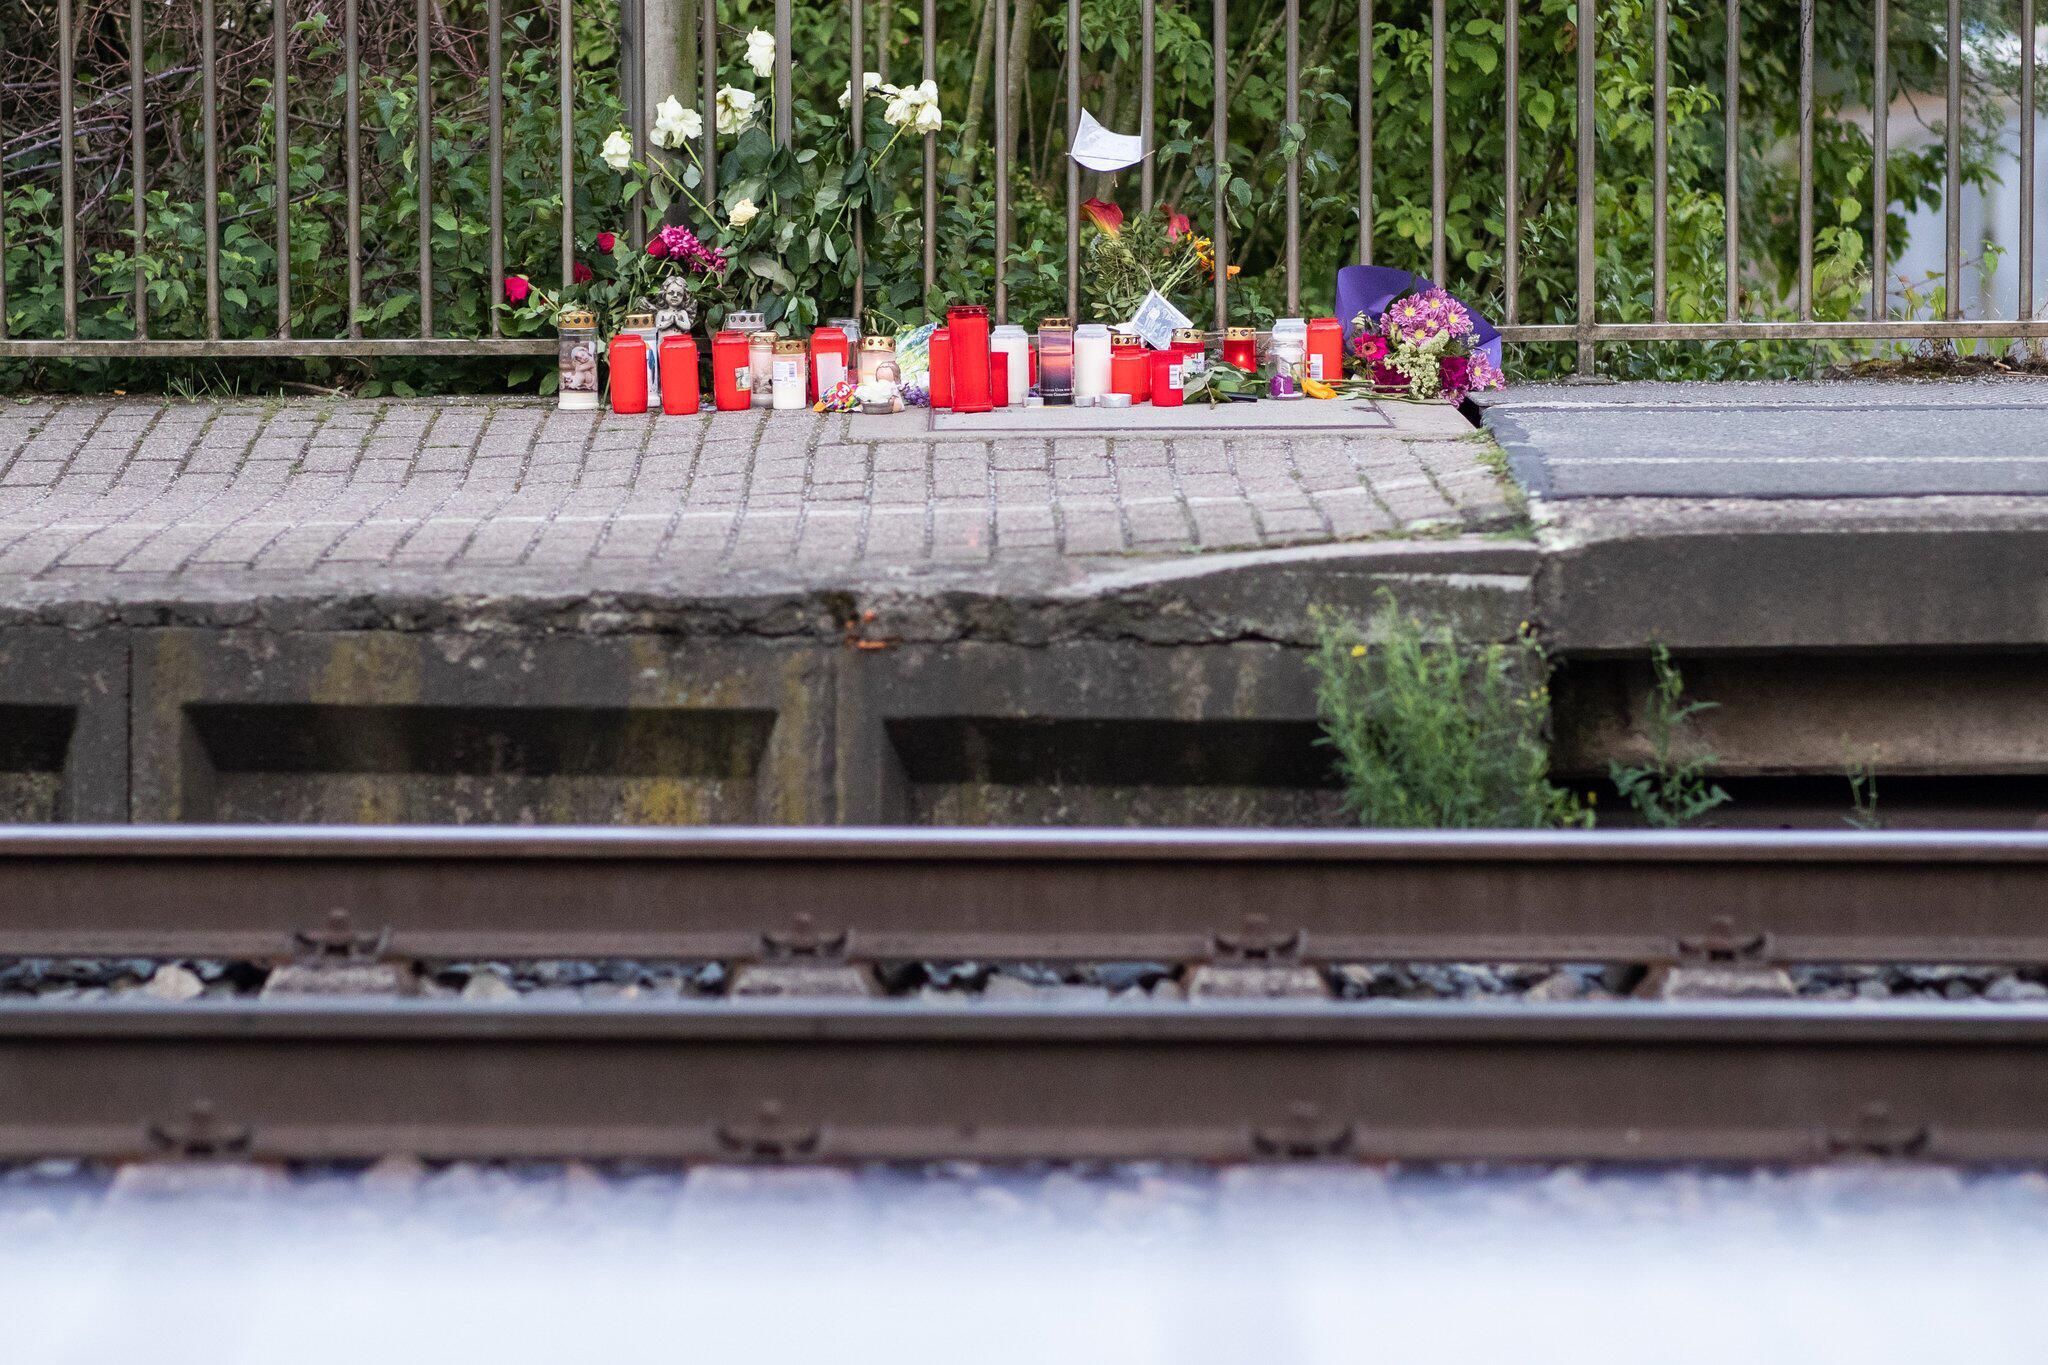 Bild zu Frau vor Zug gestoßen und getötet